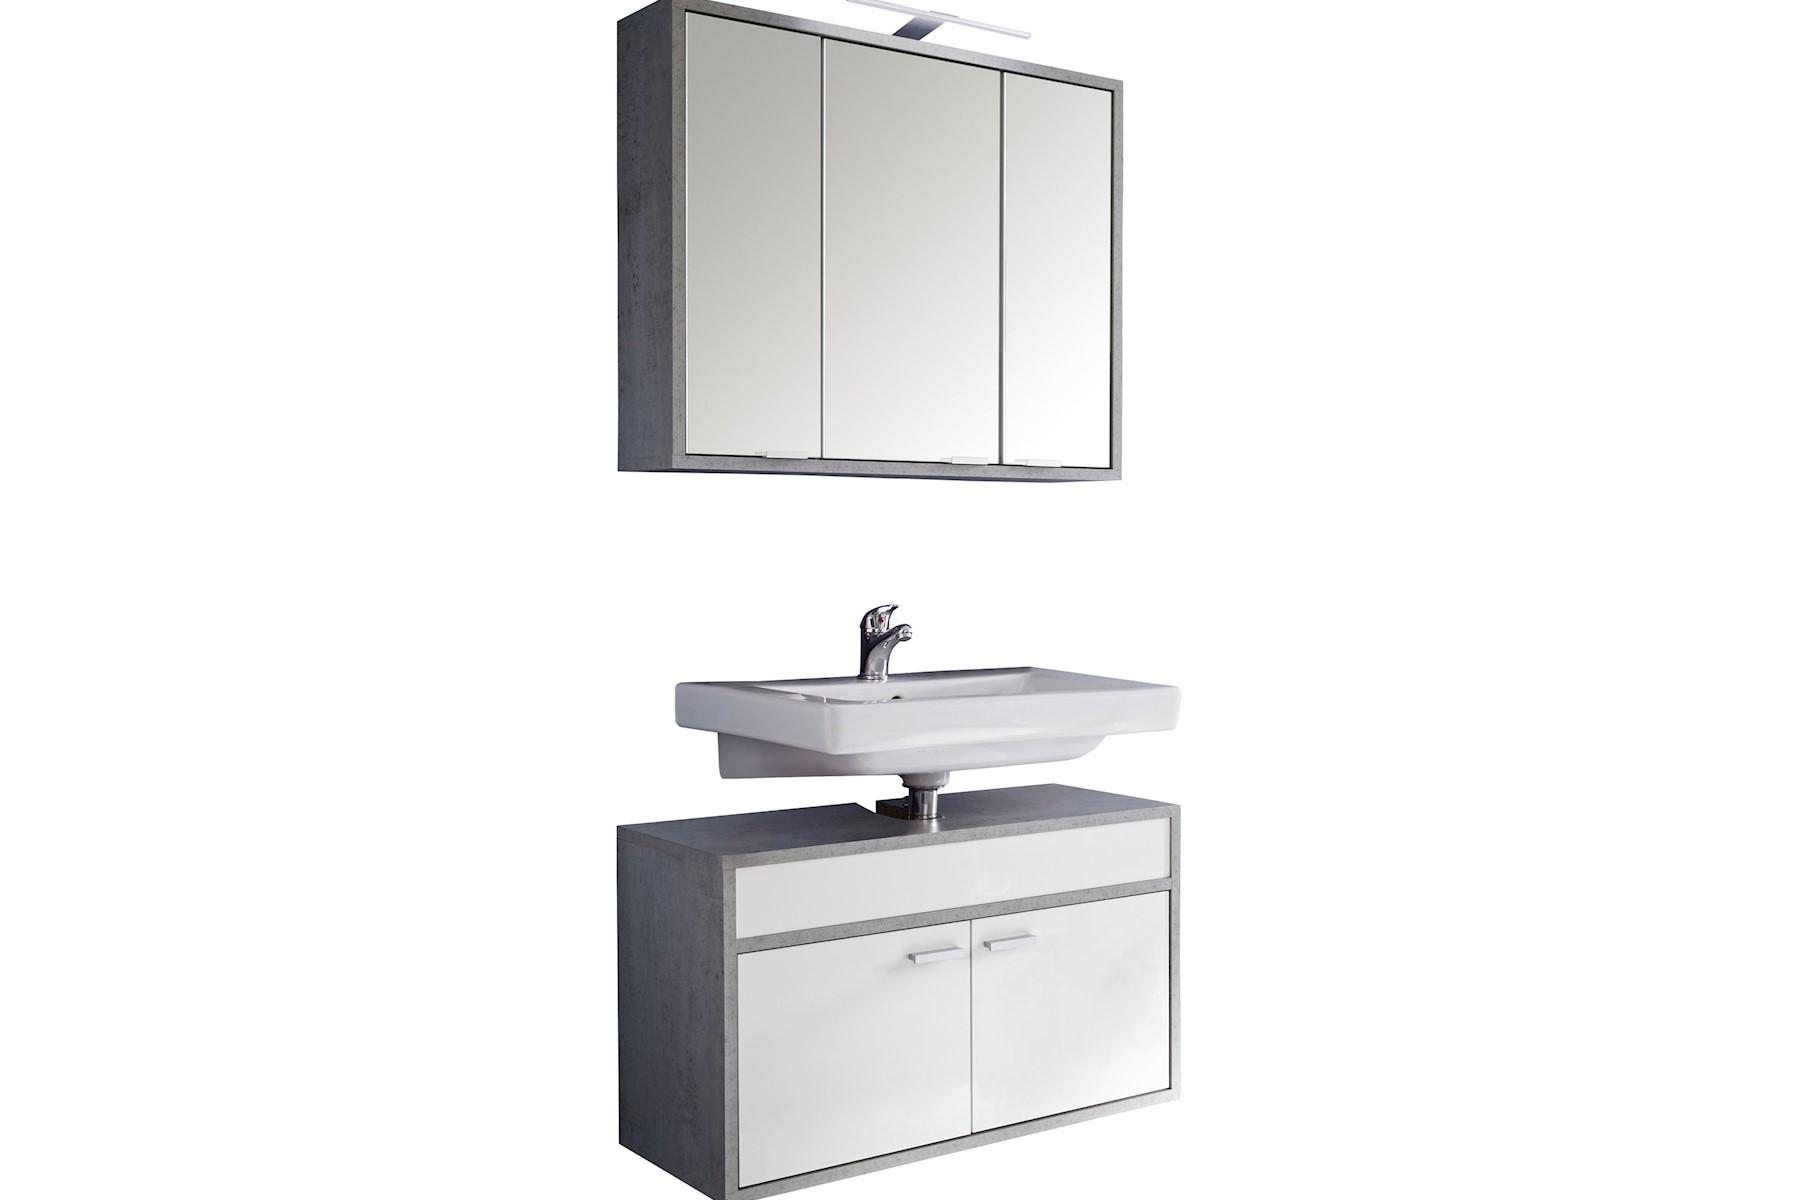 Badezimmer Set Gulia 2-teilig in Weiß-Beton